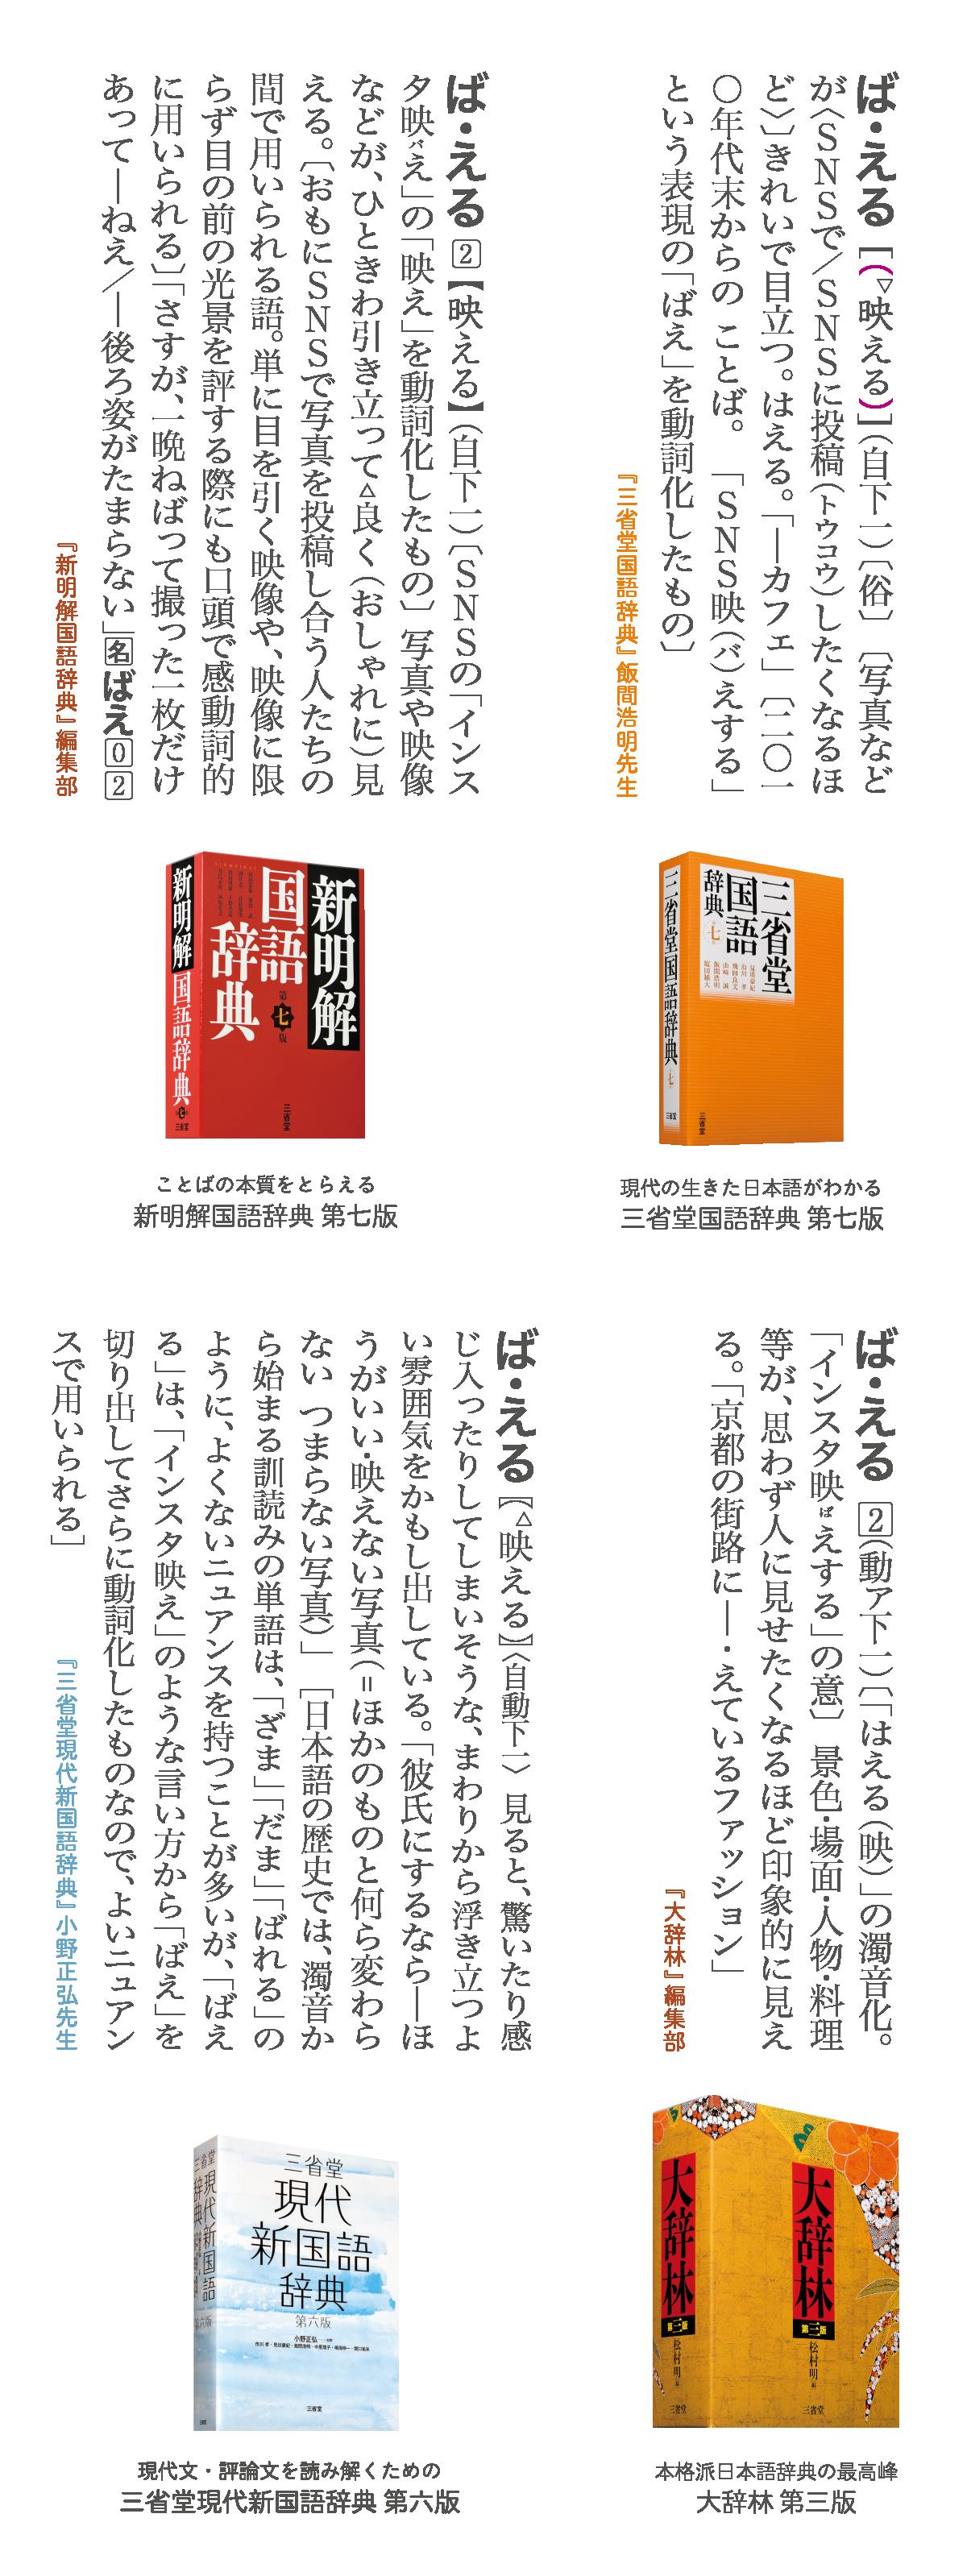 三省堂 辞書を編む人が選ぶ「今年の新語2018」大賞「ばえる(映える)」